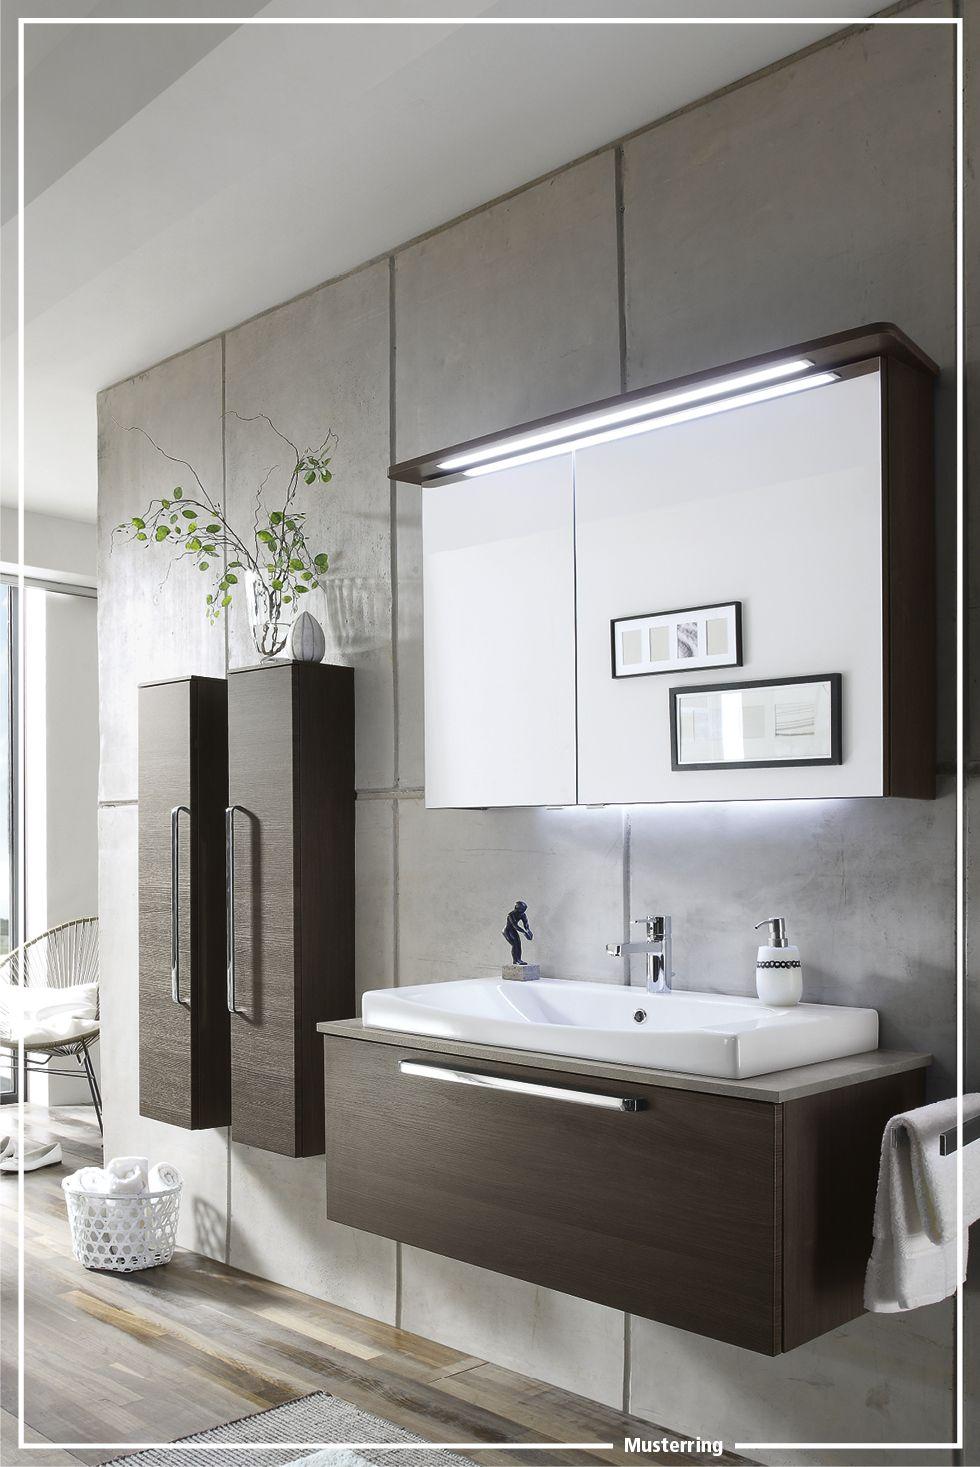 Musterring Revento Badezimmer Bathroom Badezimmer Bathroom In